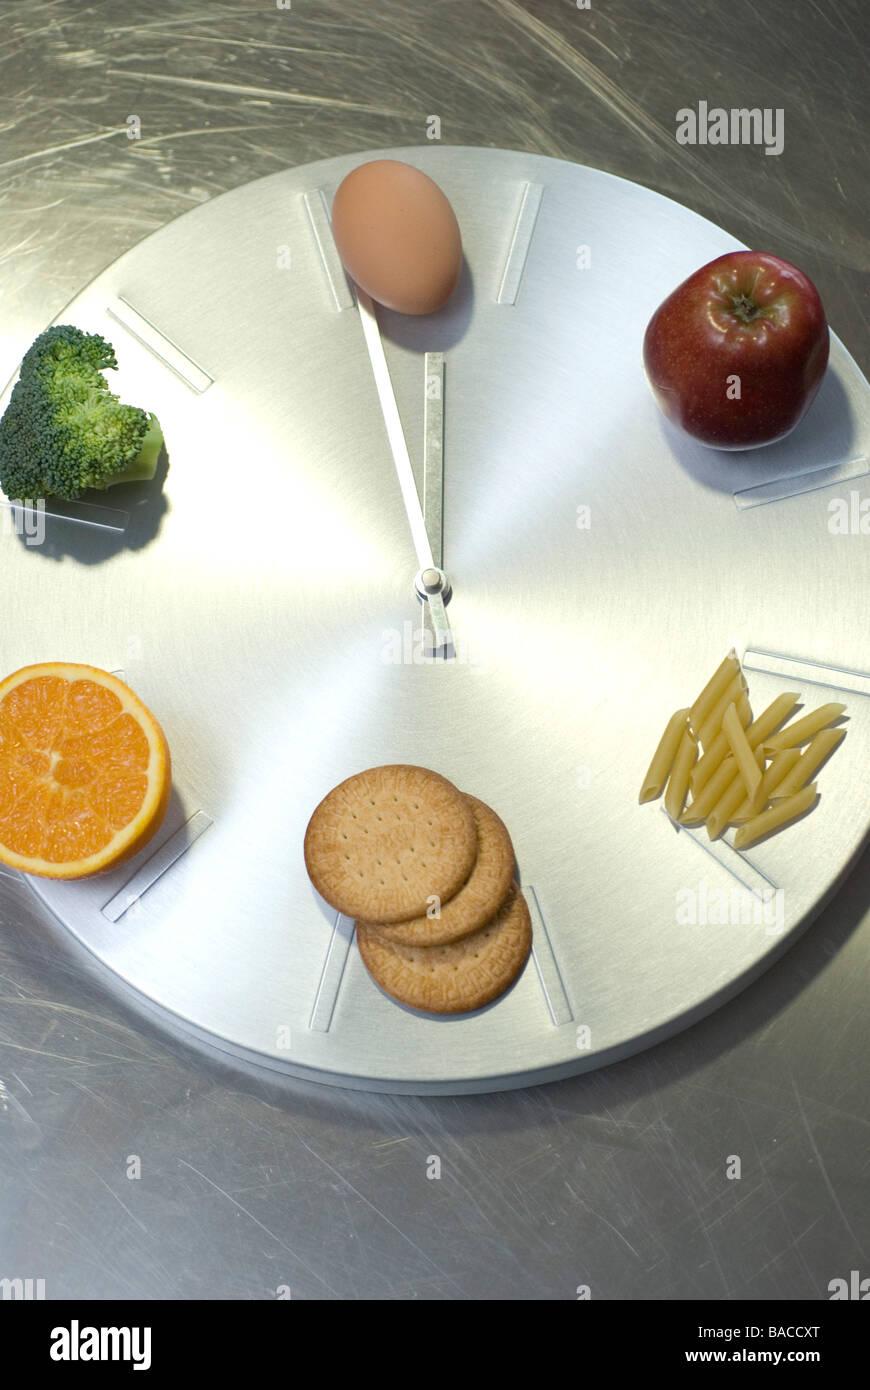 Reloj de control de alimentos- pasta, galletas, naranja, manzana, huevo y brócoli Imagen De Stock